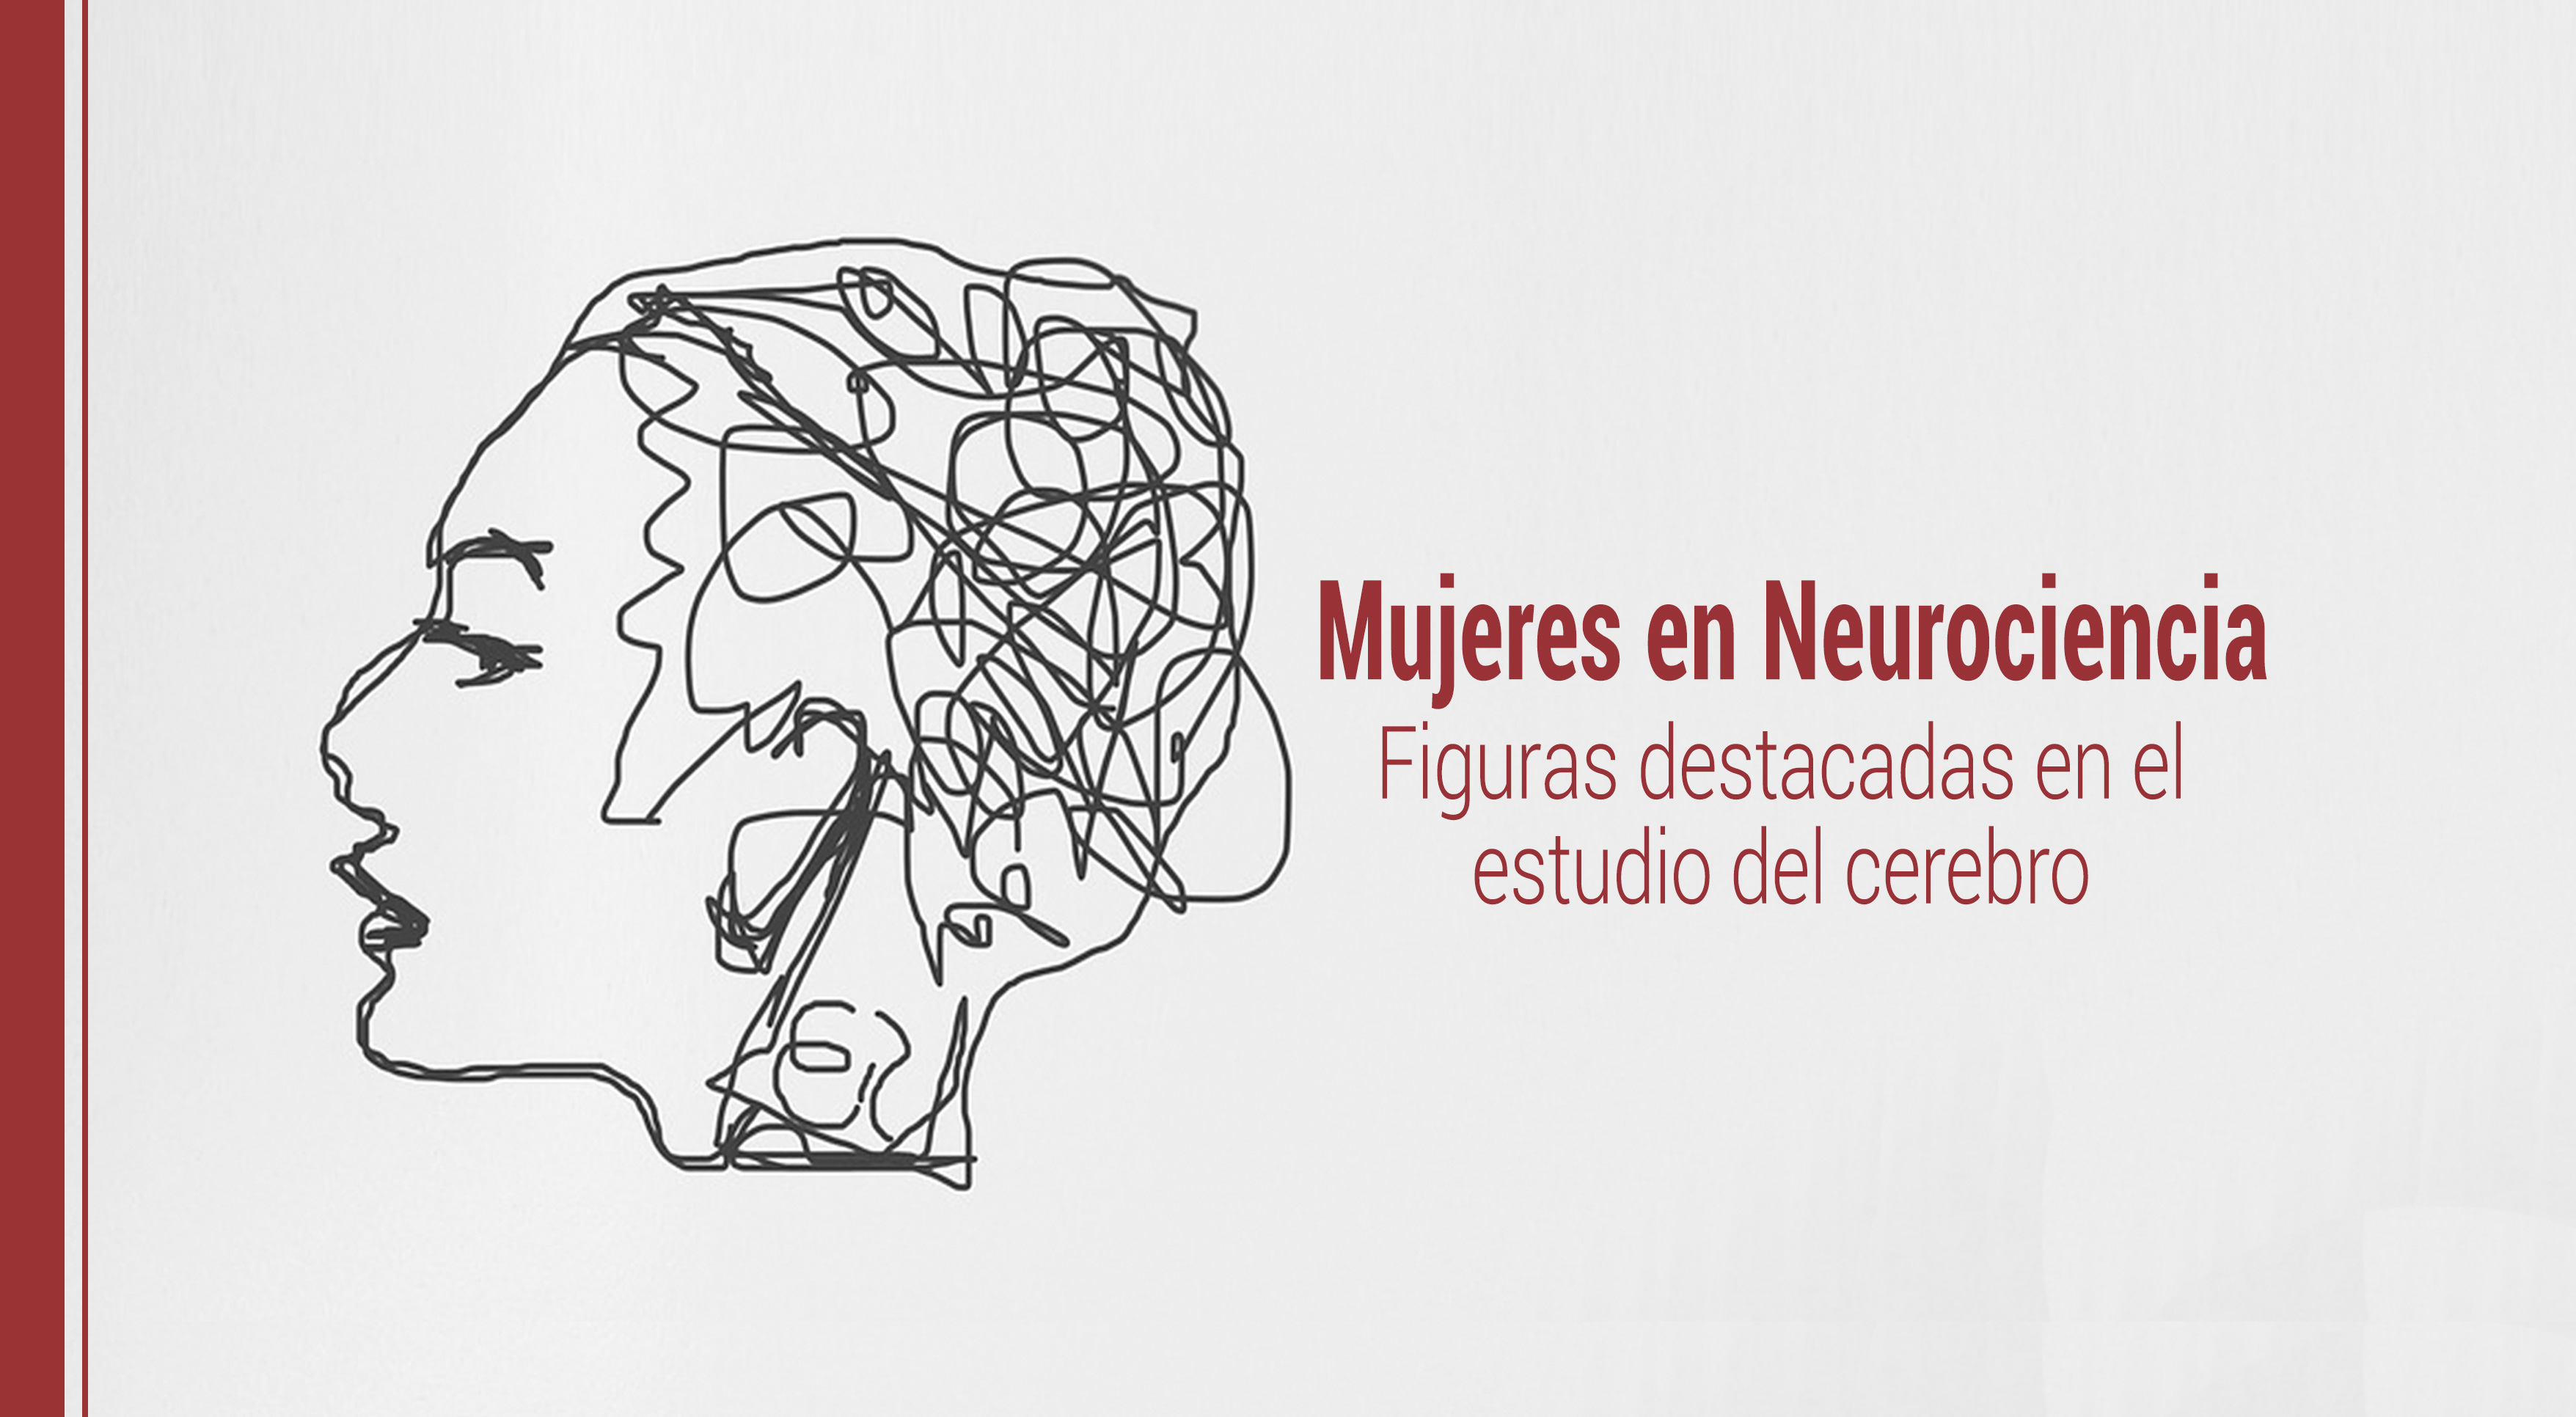 Mujeres en Neurociencia: figuras destacadas en el estudio del cerebro